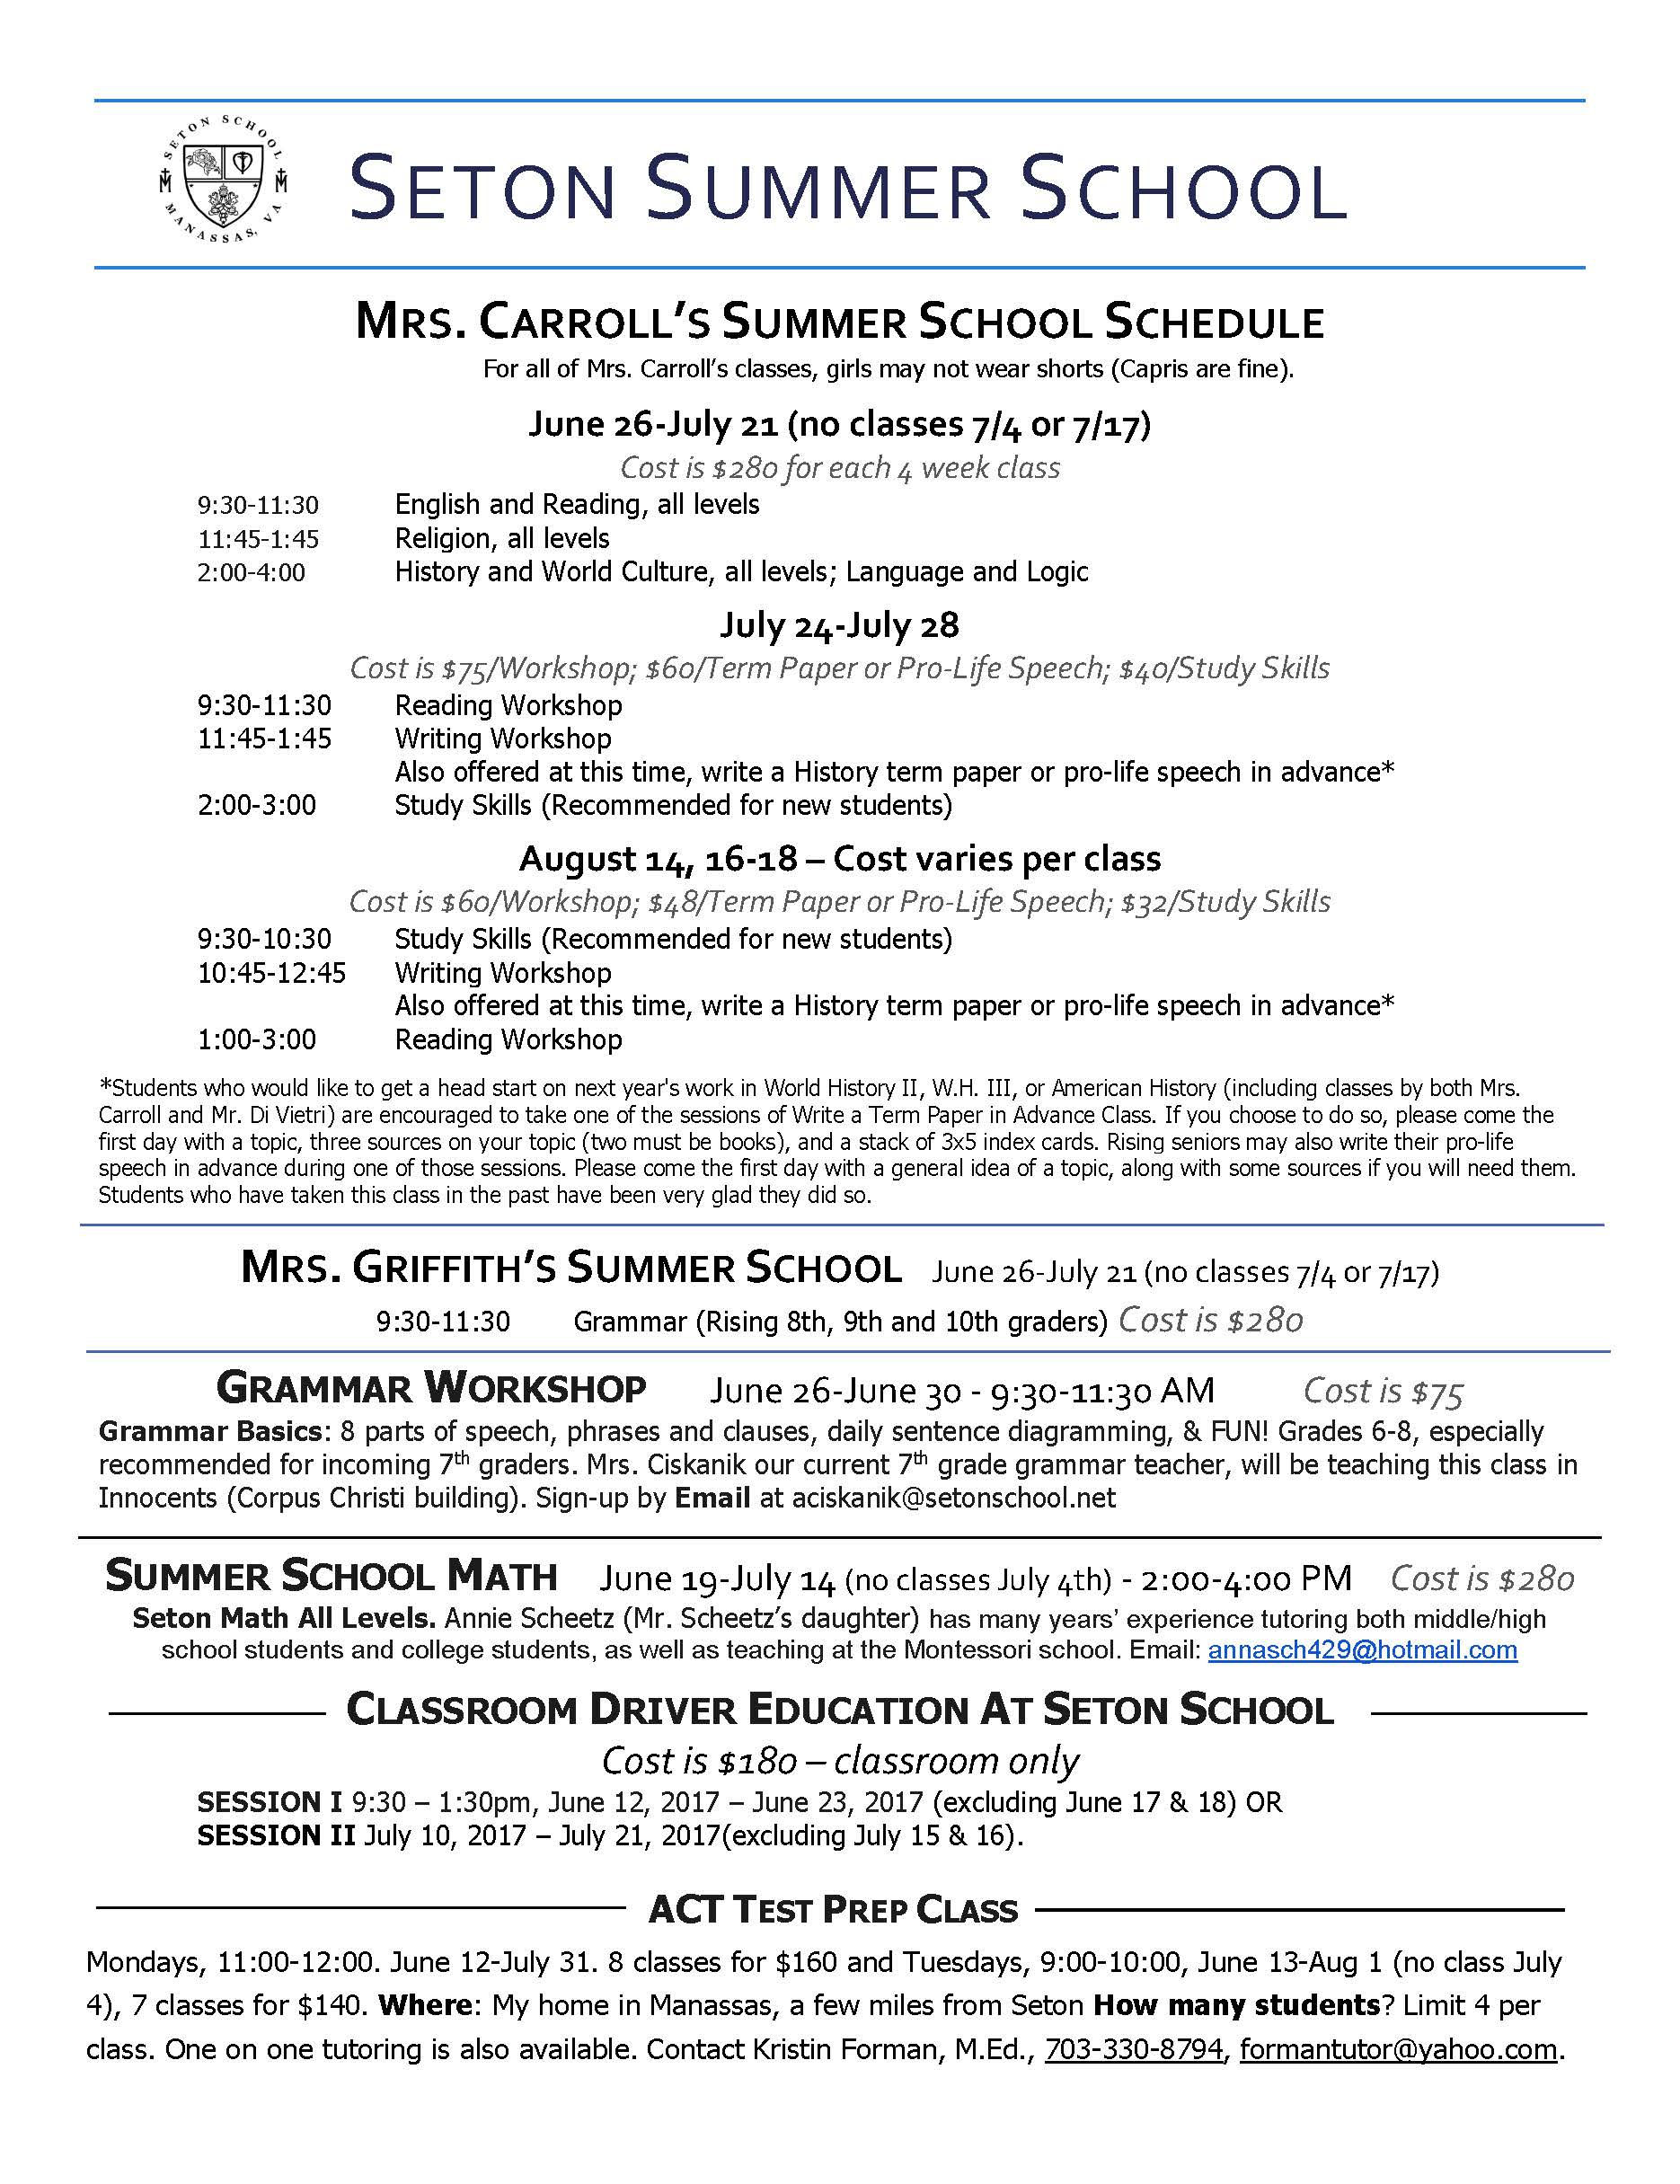 2017 summer academic schedule summer activities schedule and